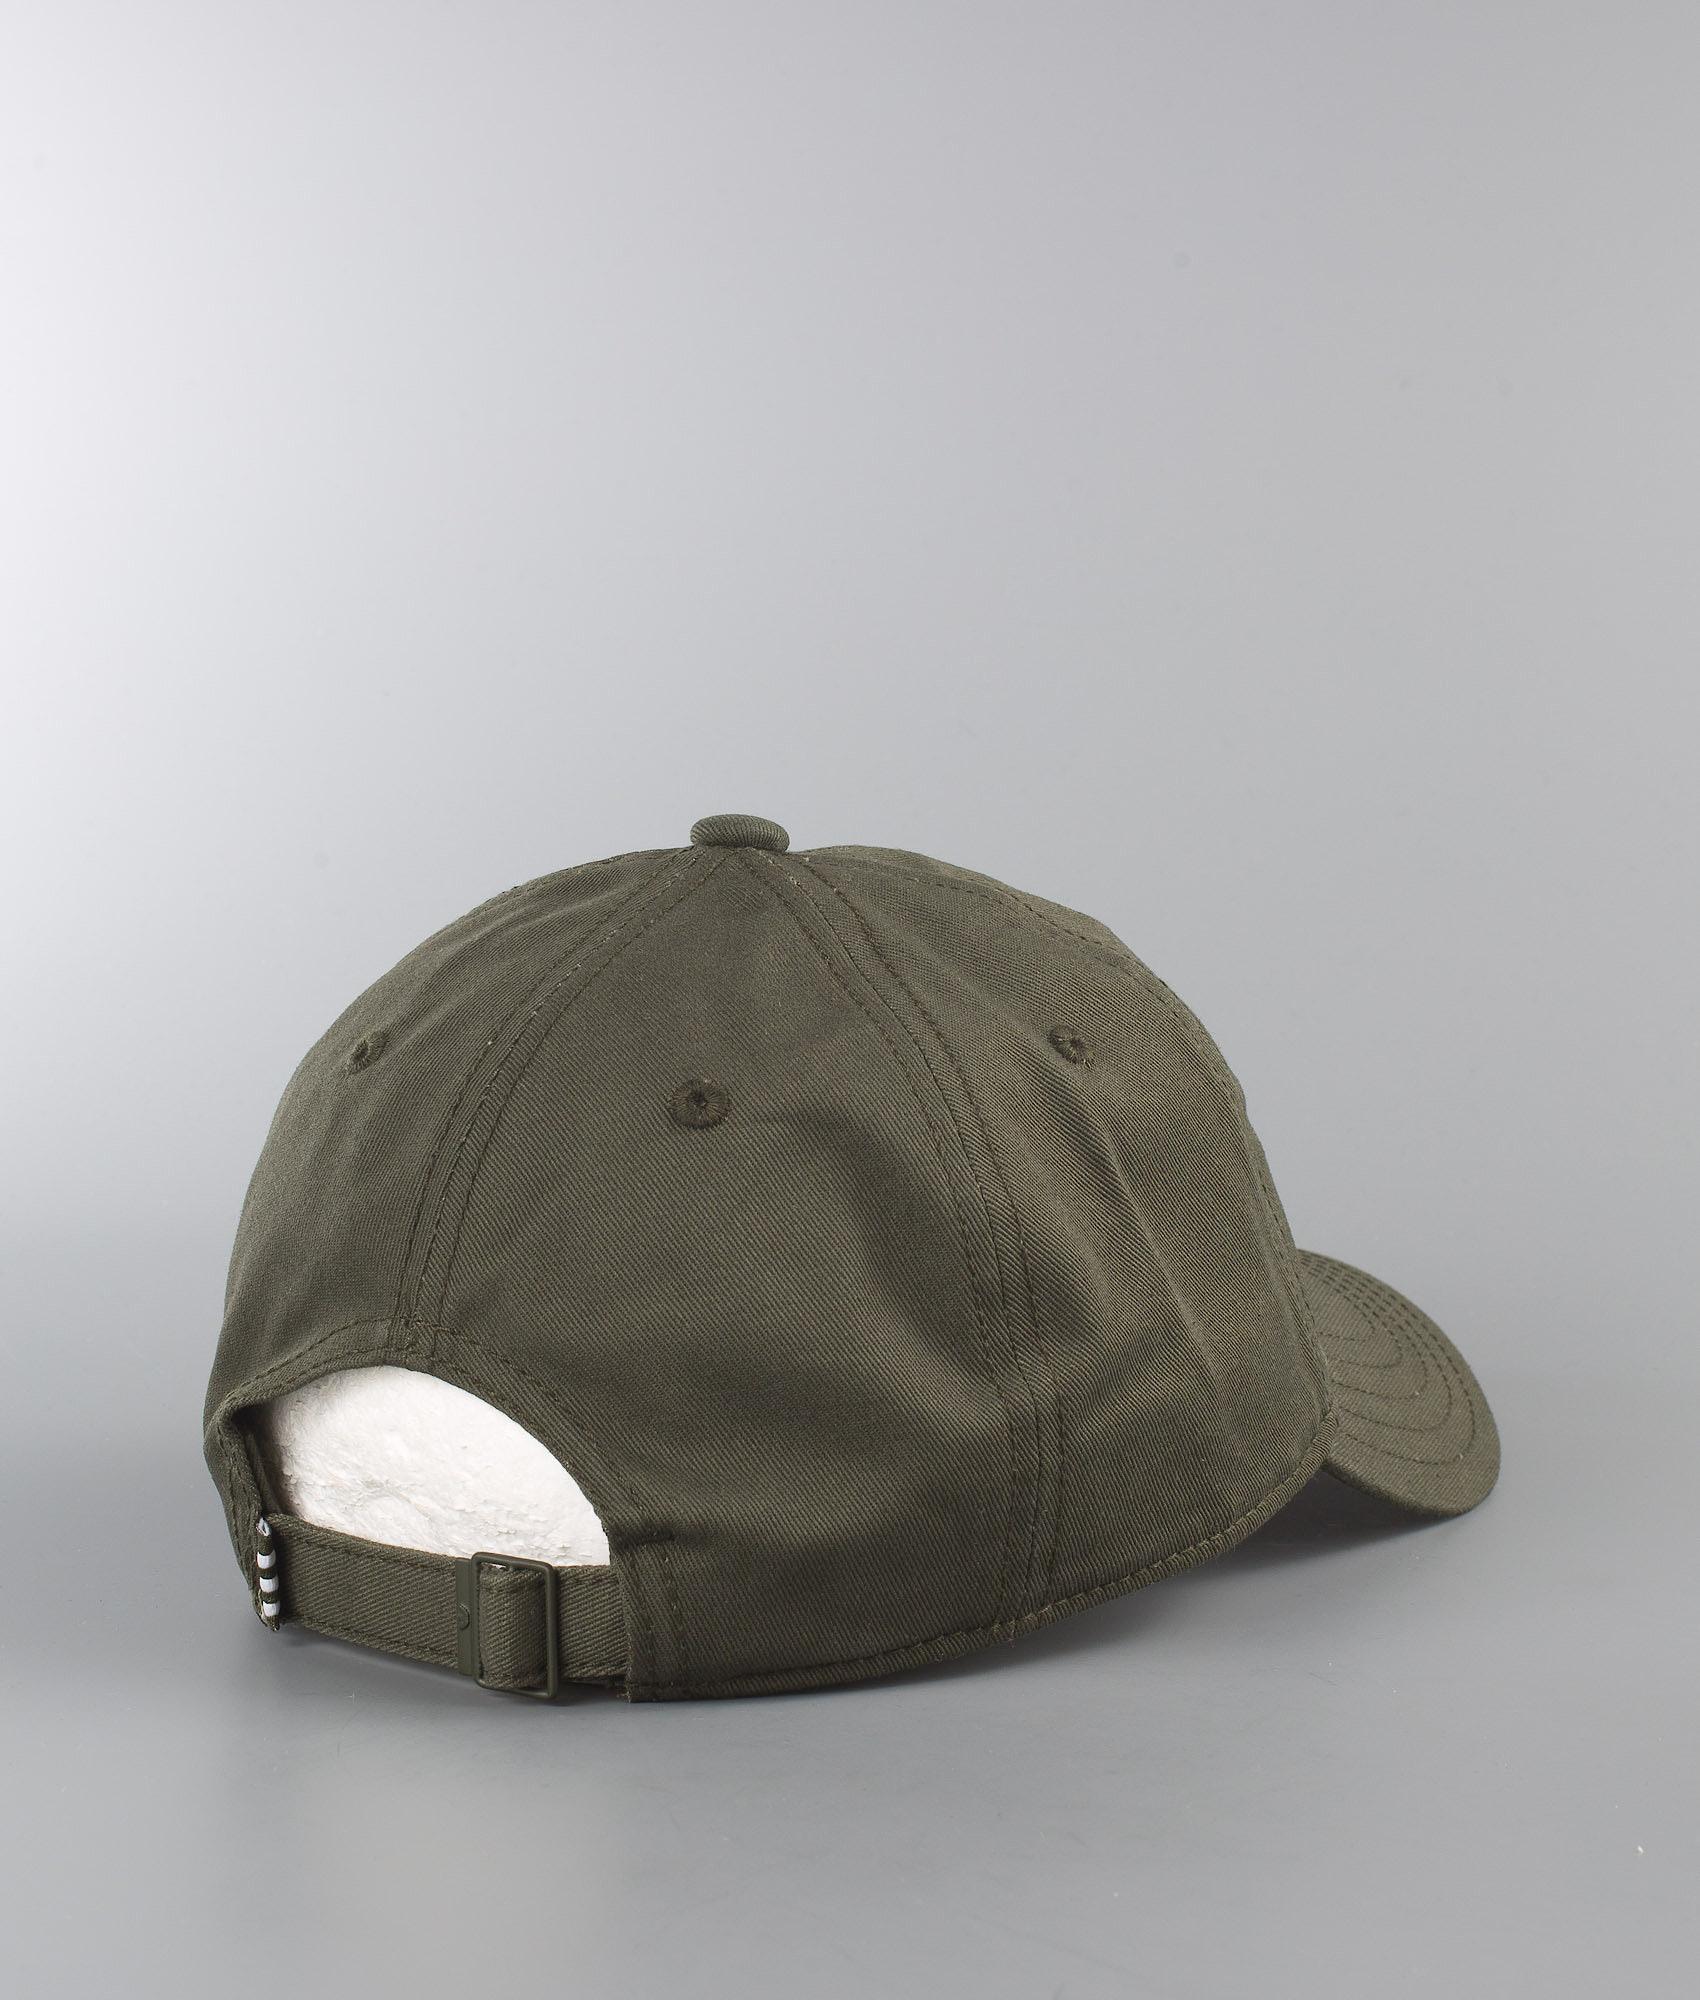 meet 4b815 114e5 Adidas Originals Trefoil Cap Cappello